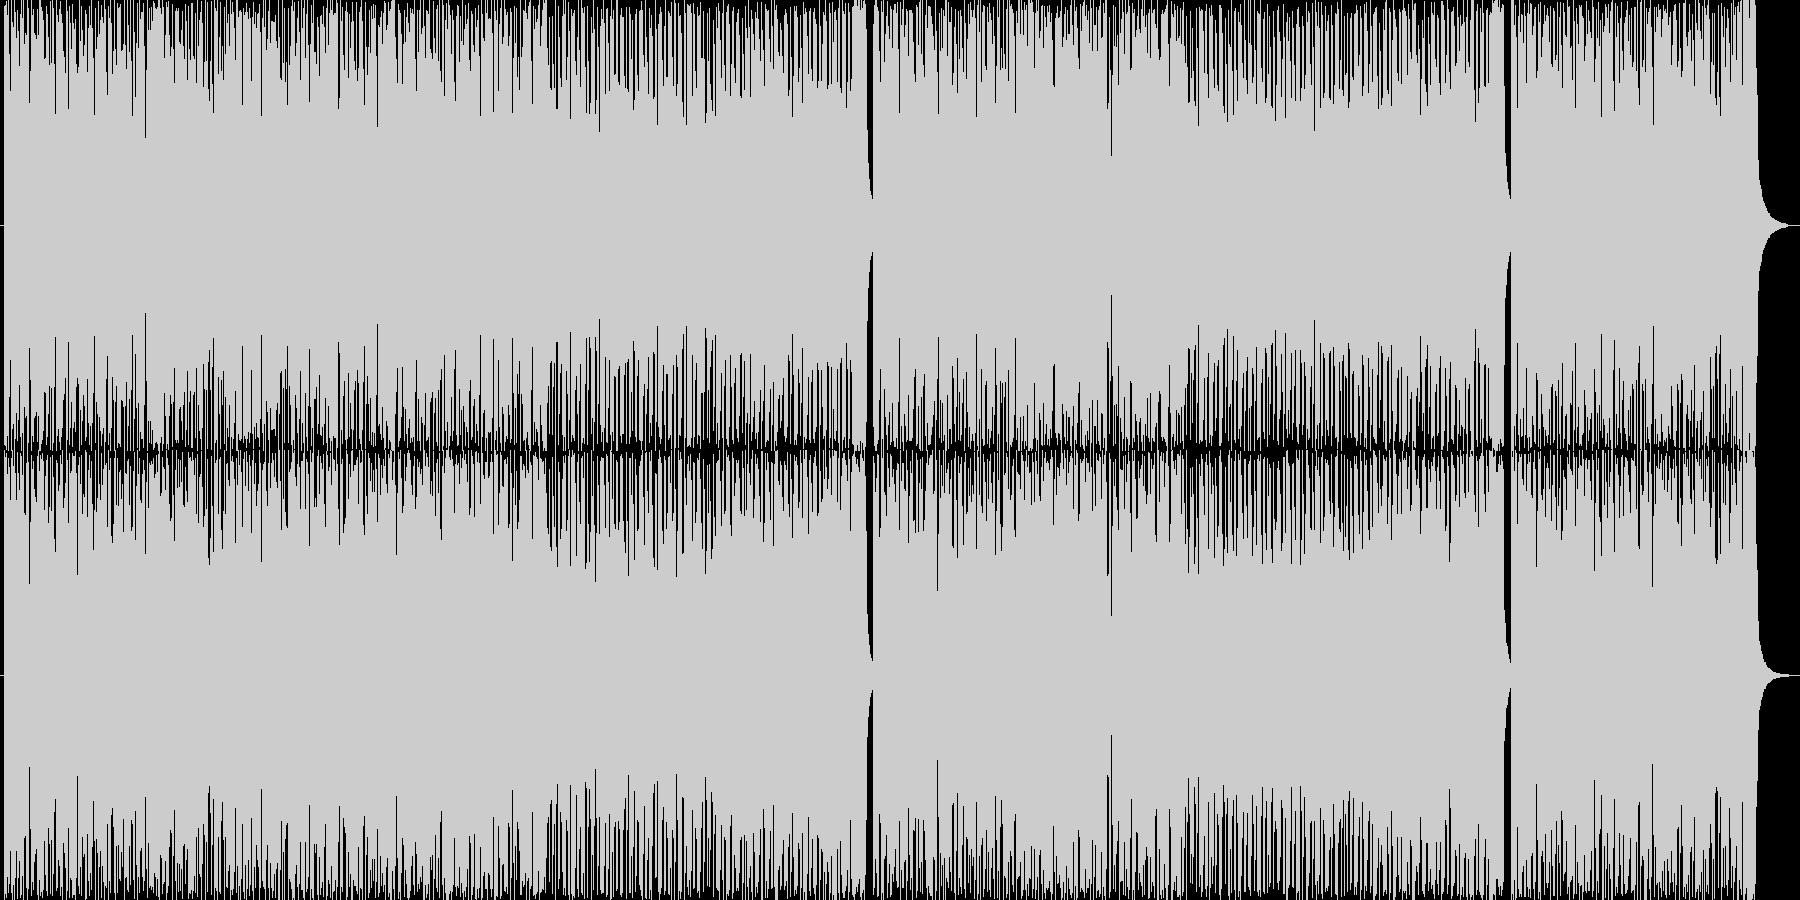 民族音楽調 爽やか 疾走感 フルートの未再生の波形